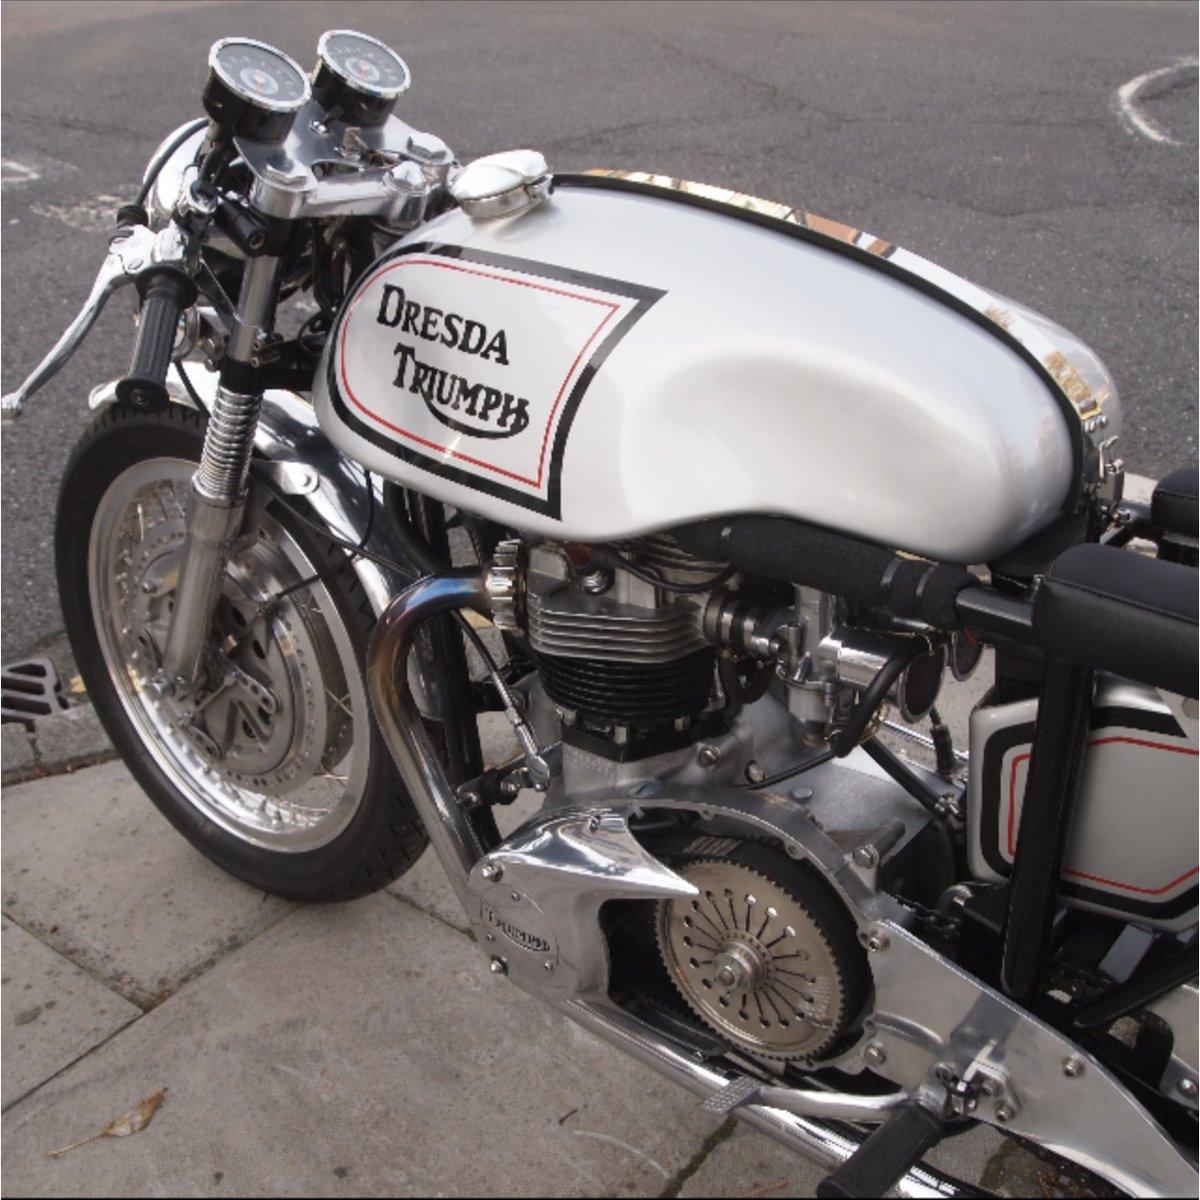 1969 Original dresda bonneville cafe racer For Sale (picture 1 of 6)